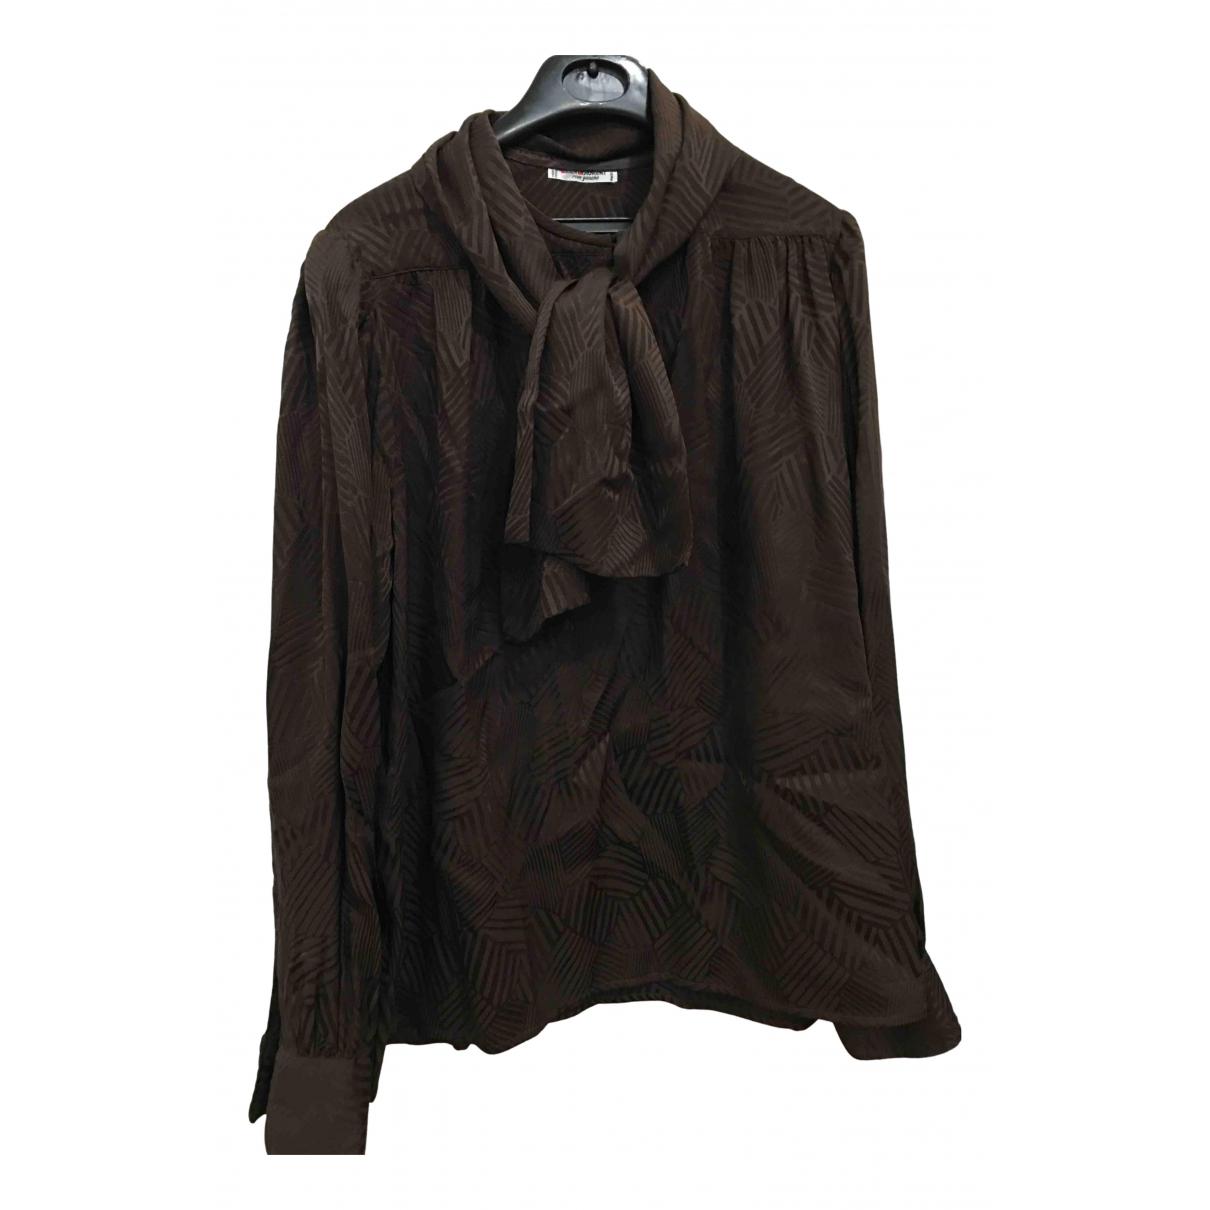 Yves Saint Laurent - Top   pour femme en soie - marron